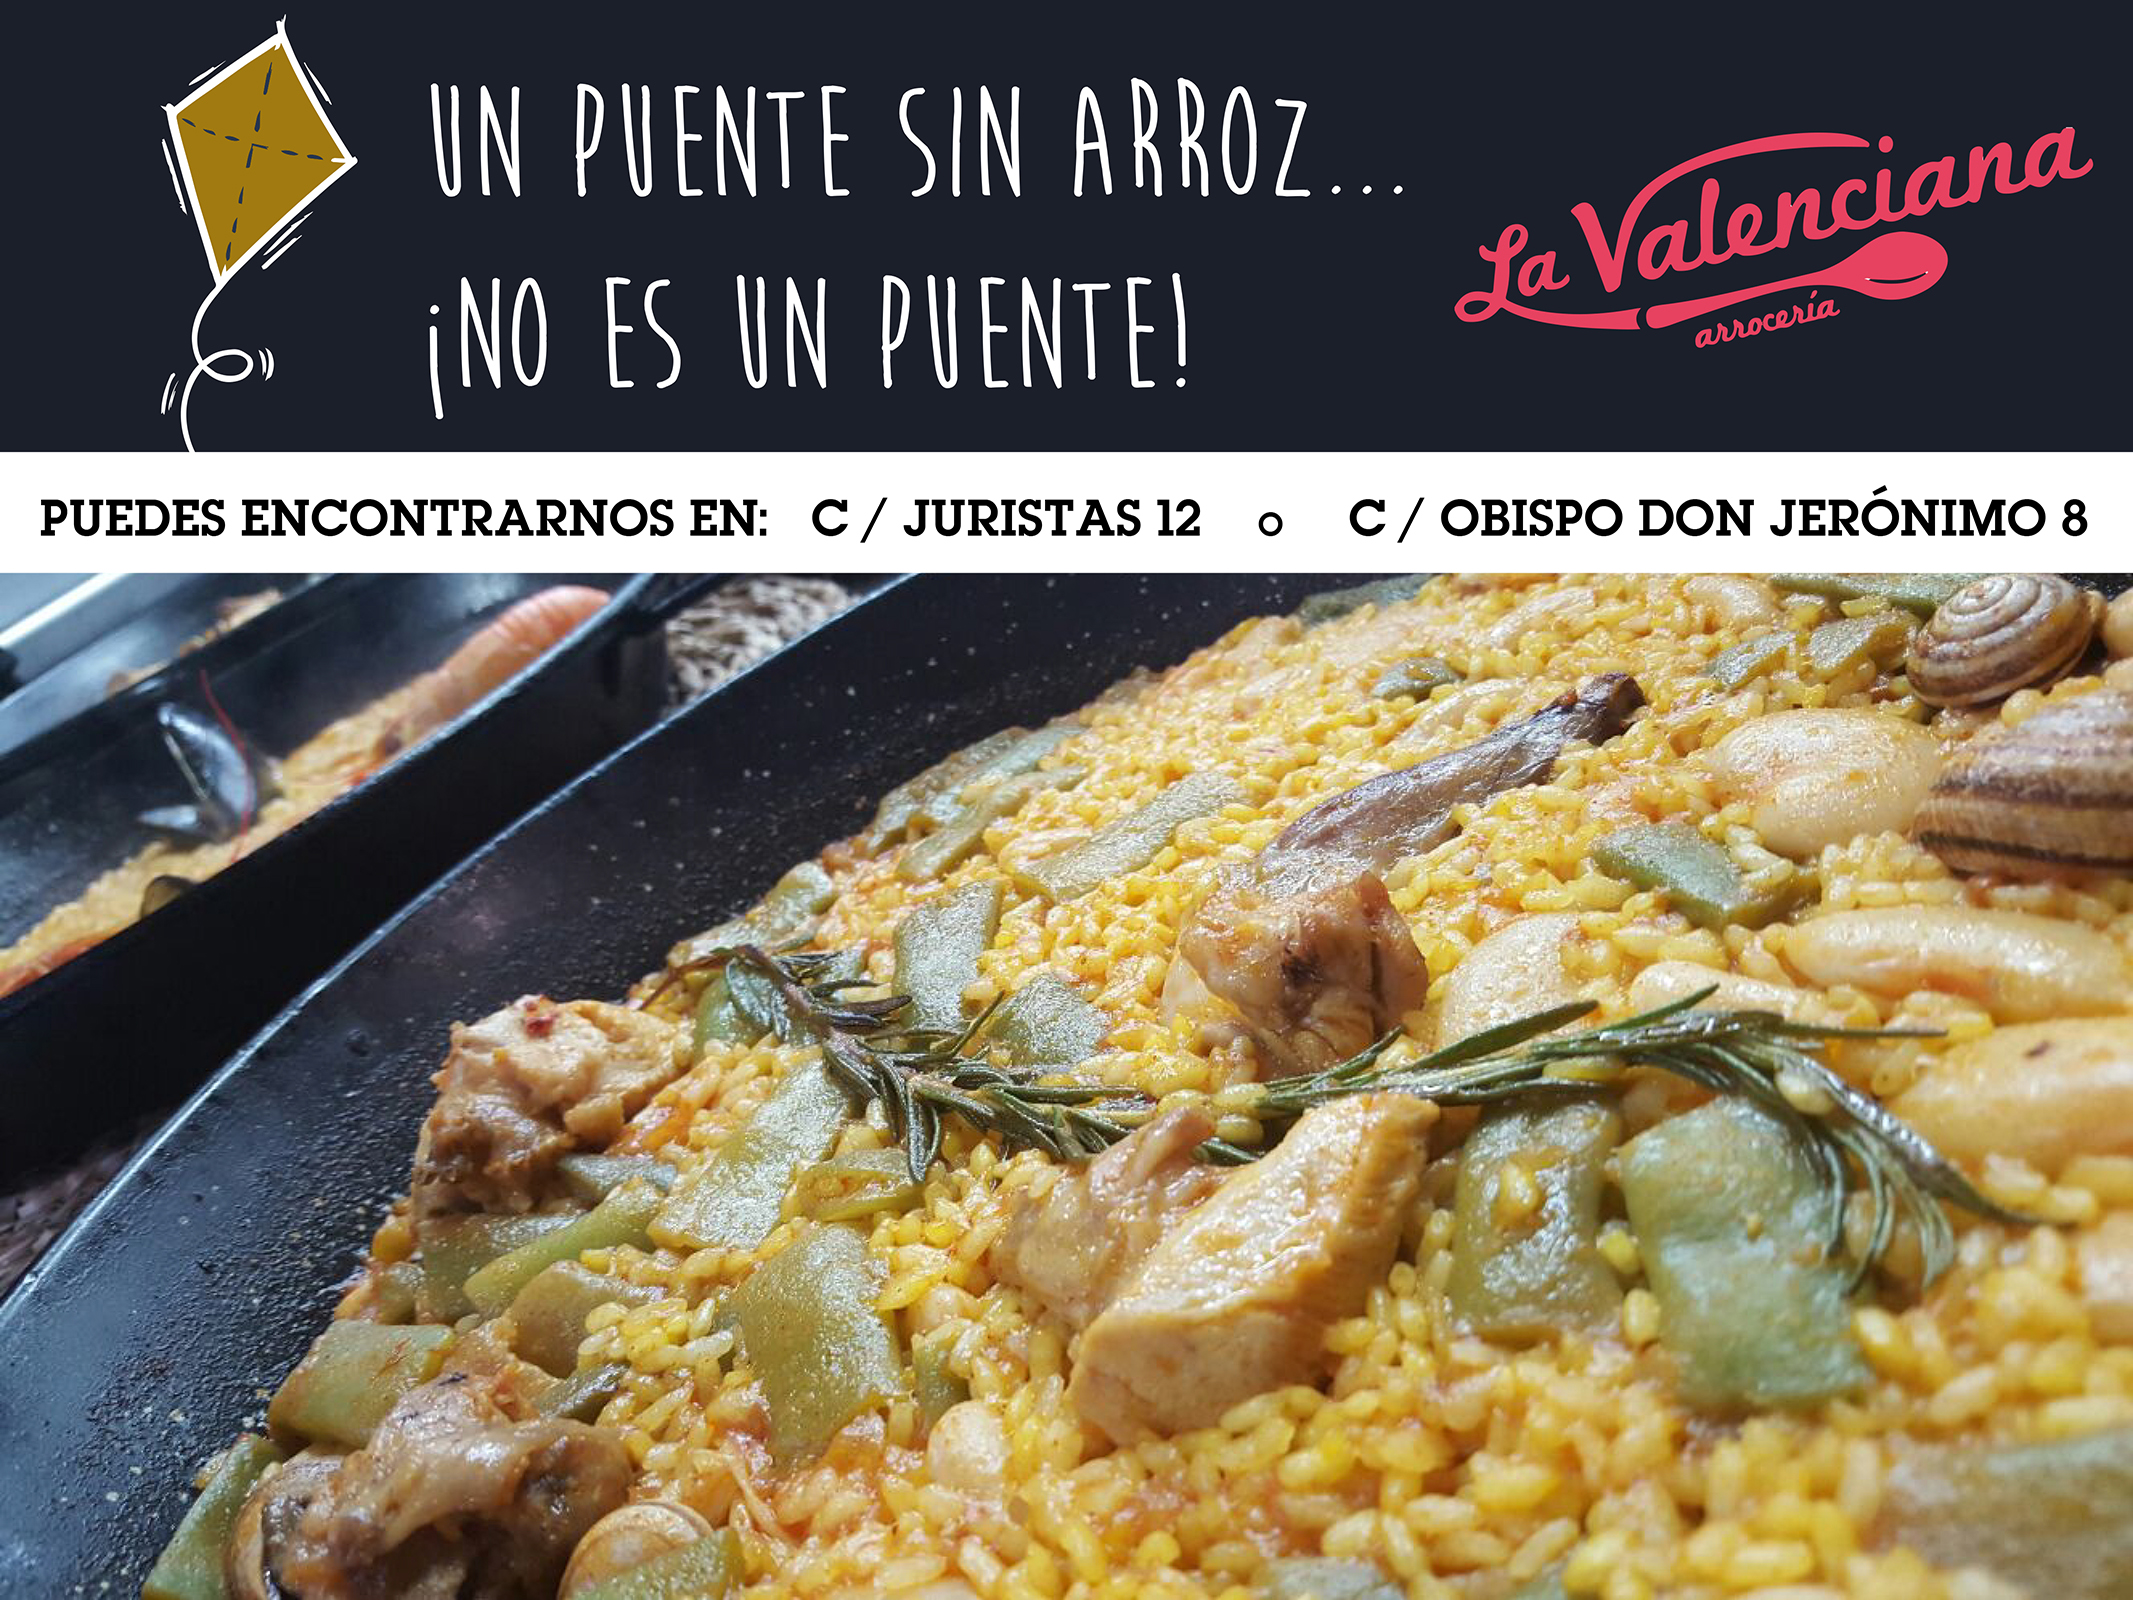 Arrocería-La-Valenciana-Restaurante-de-Cocina-Mediterránea